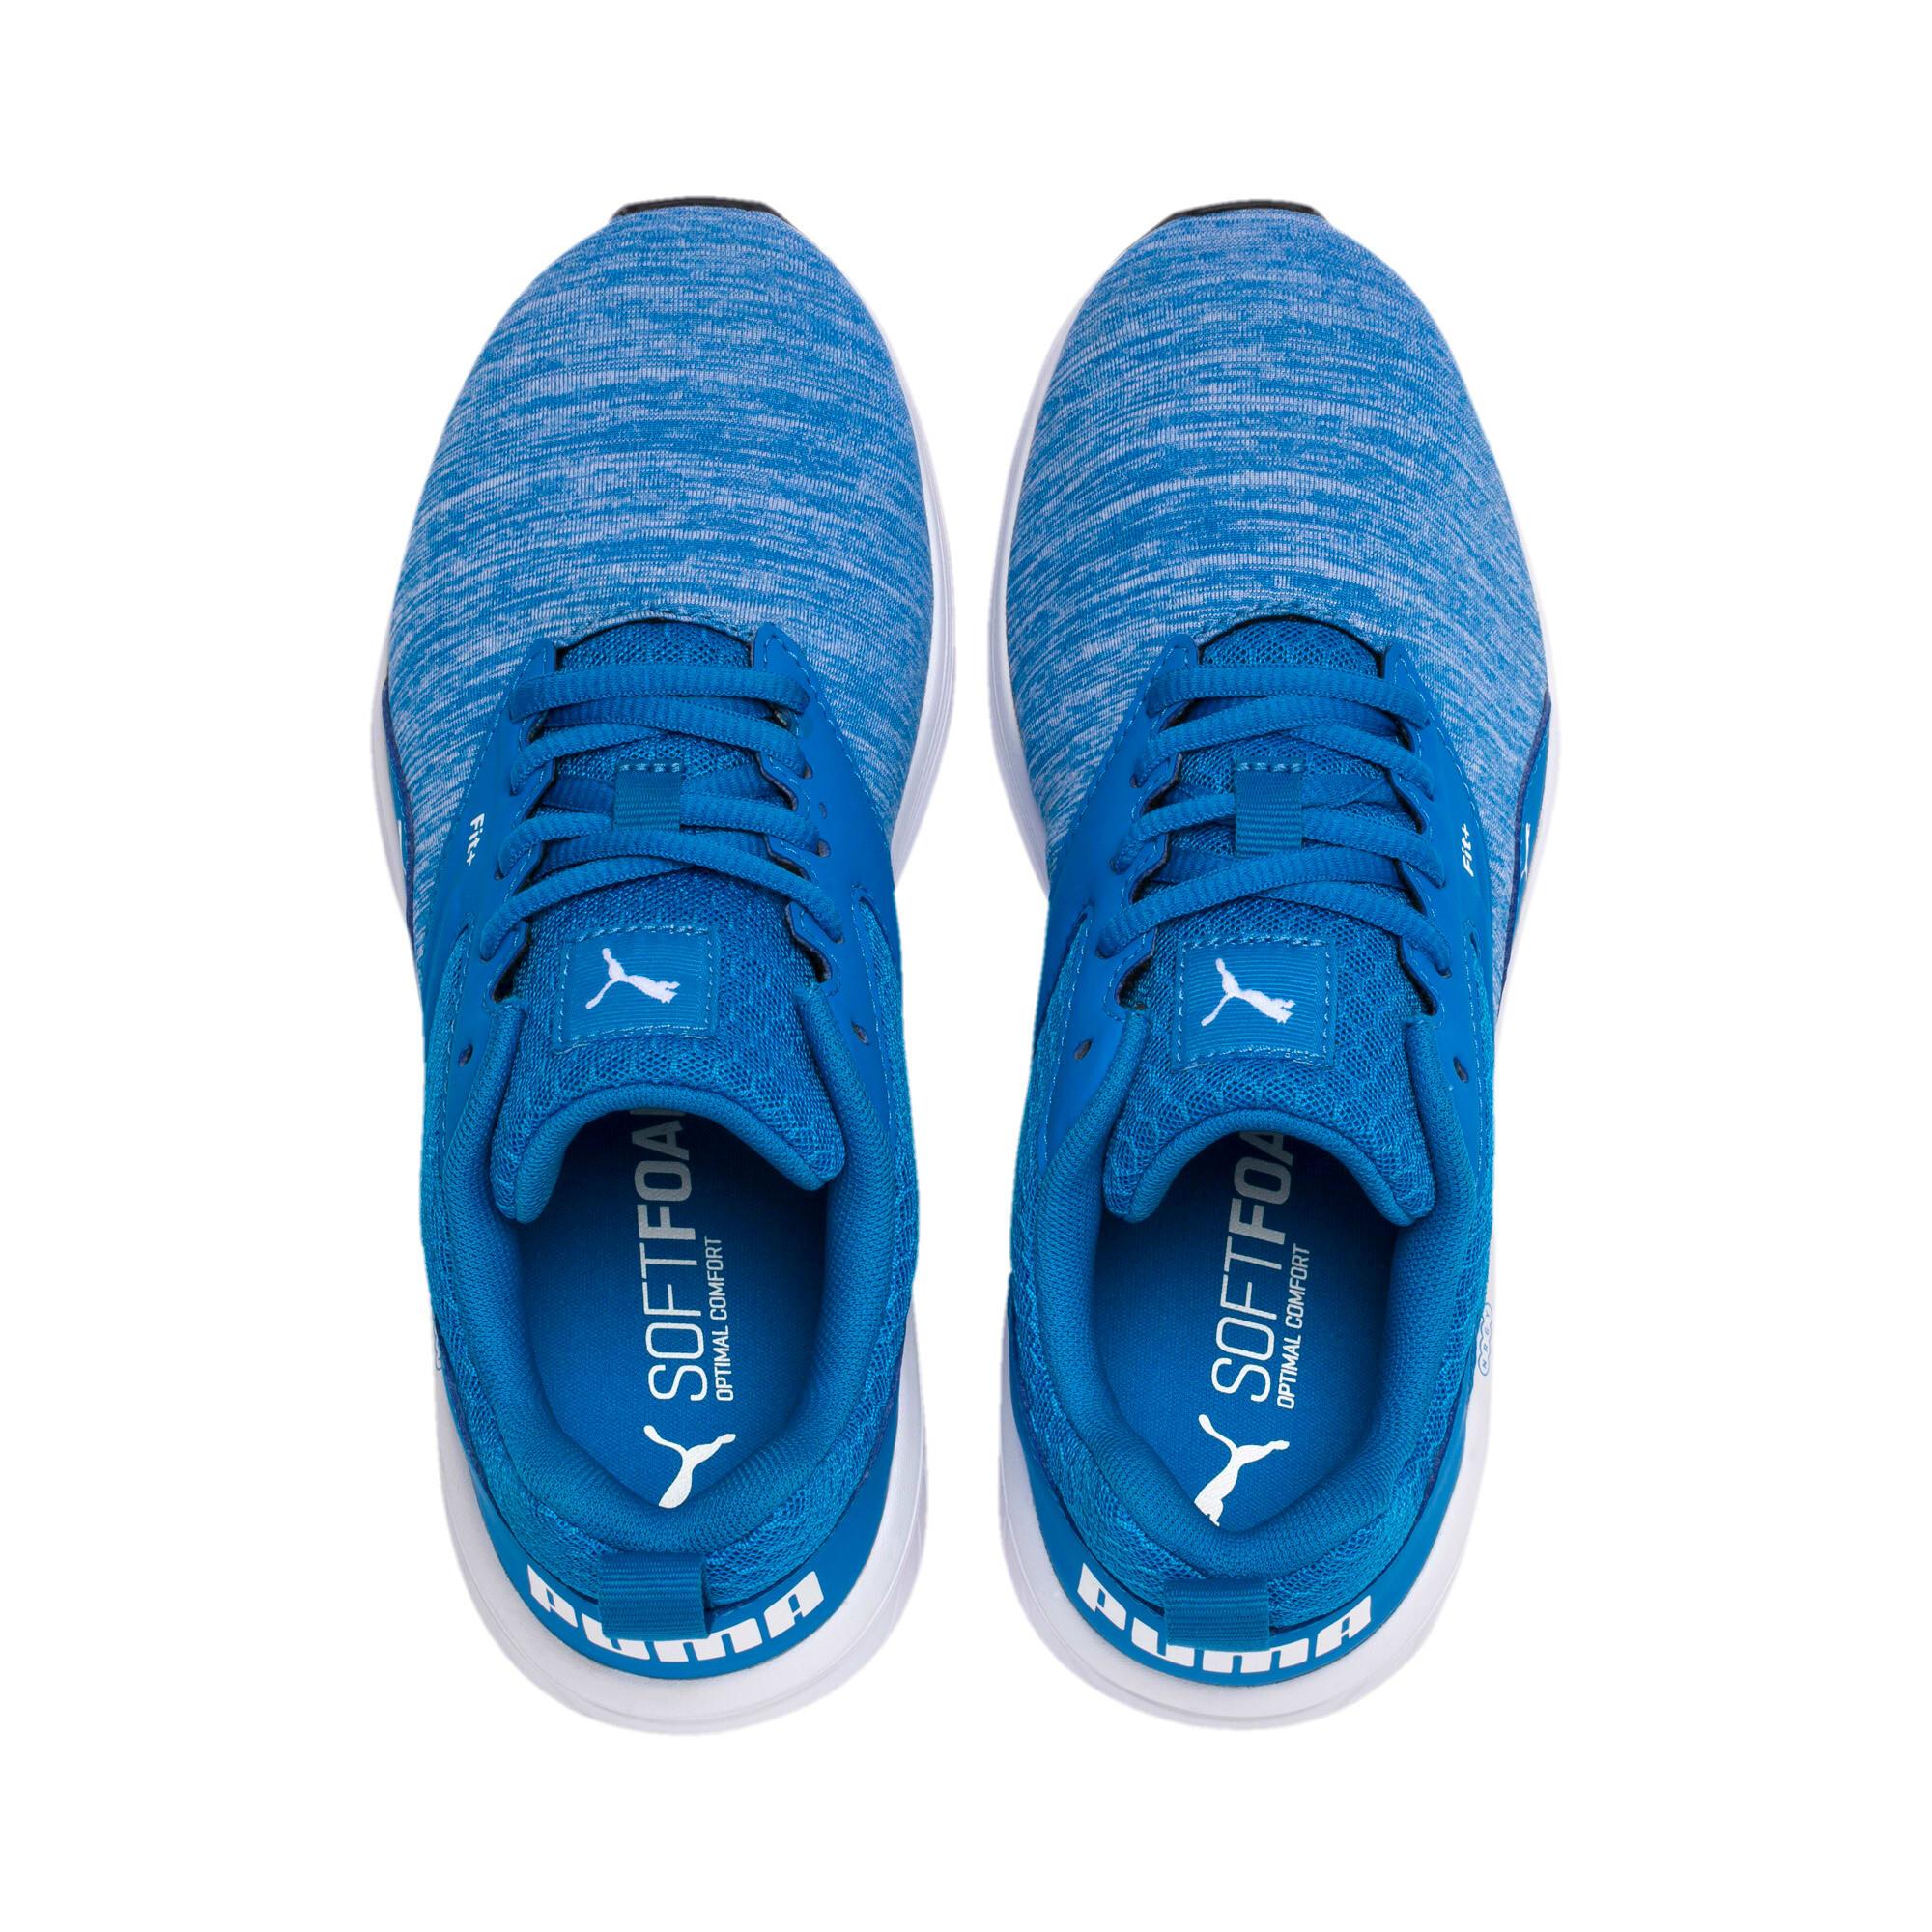 Thumbnail 6 of NRGY Comet Kids' Training Shoes, Indigo Bunting-Puma White, medium-IND